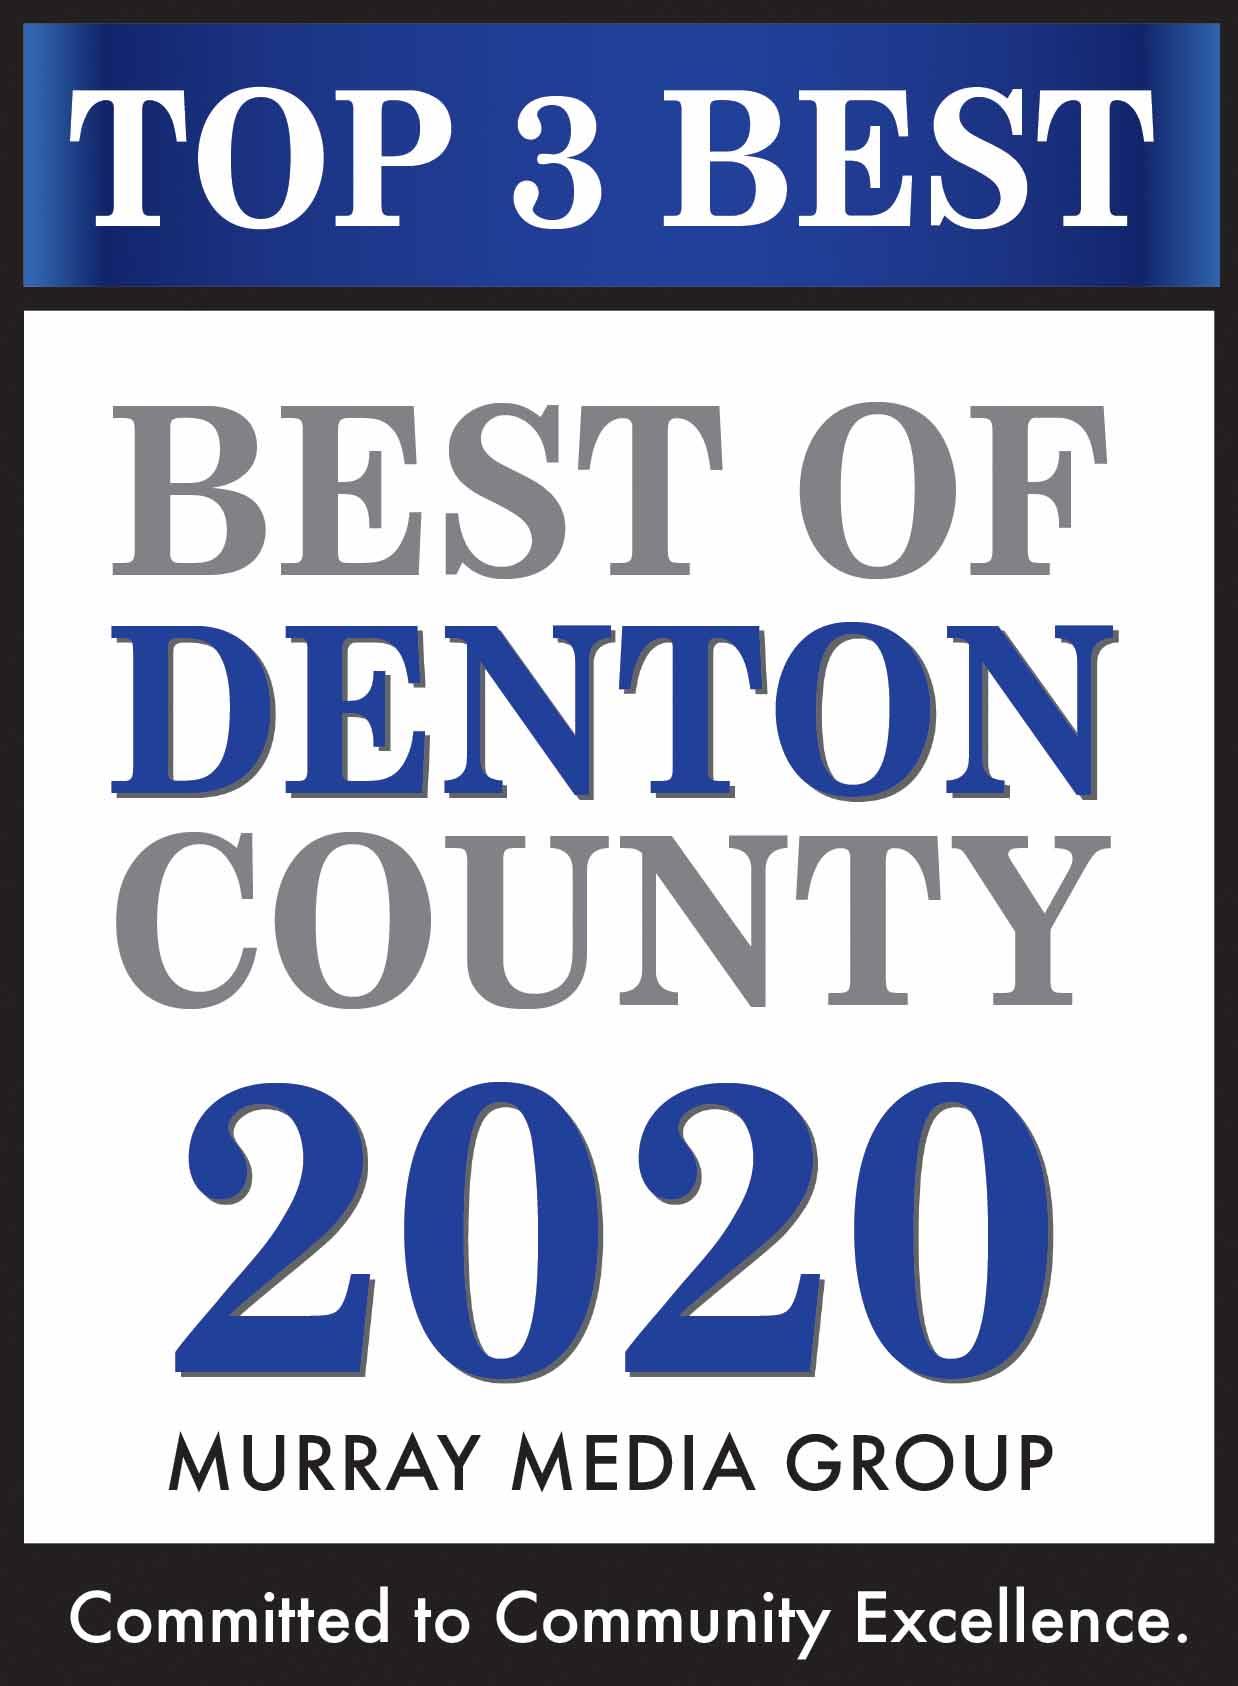 Best of Denton County Top 3